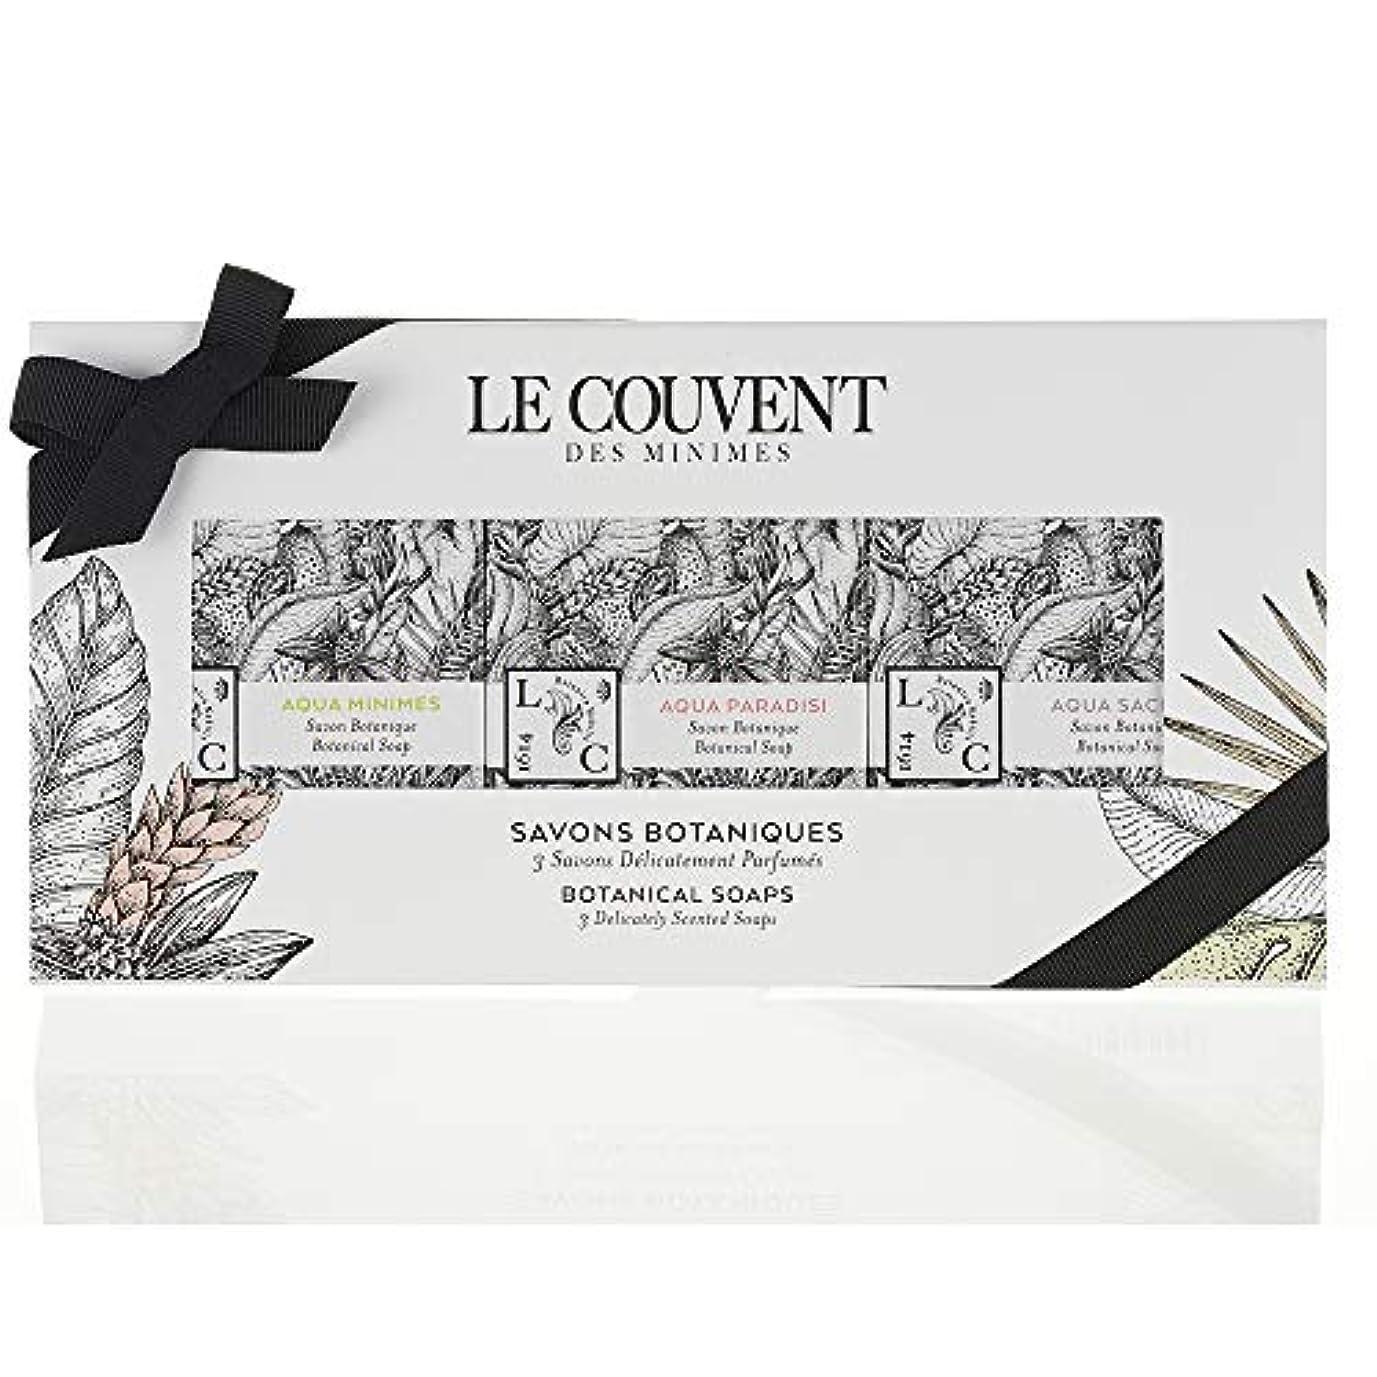 計算するフライカイト冗談でクヴォン・デ・ミニム(Le Couvent des Minimes) ボタニカル ソープセット 石鹸 アクアミニム ボタニカルソープ、アクアパラディシ ボタニカルソープ、アクアサクラエ ボタニカルソープ各50g